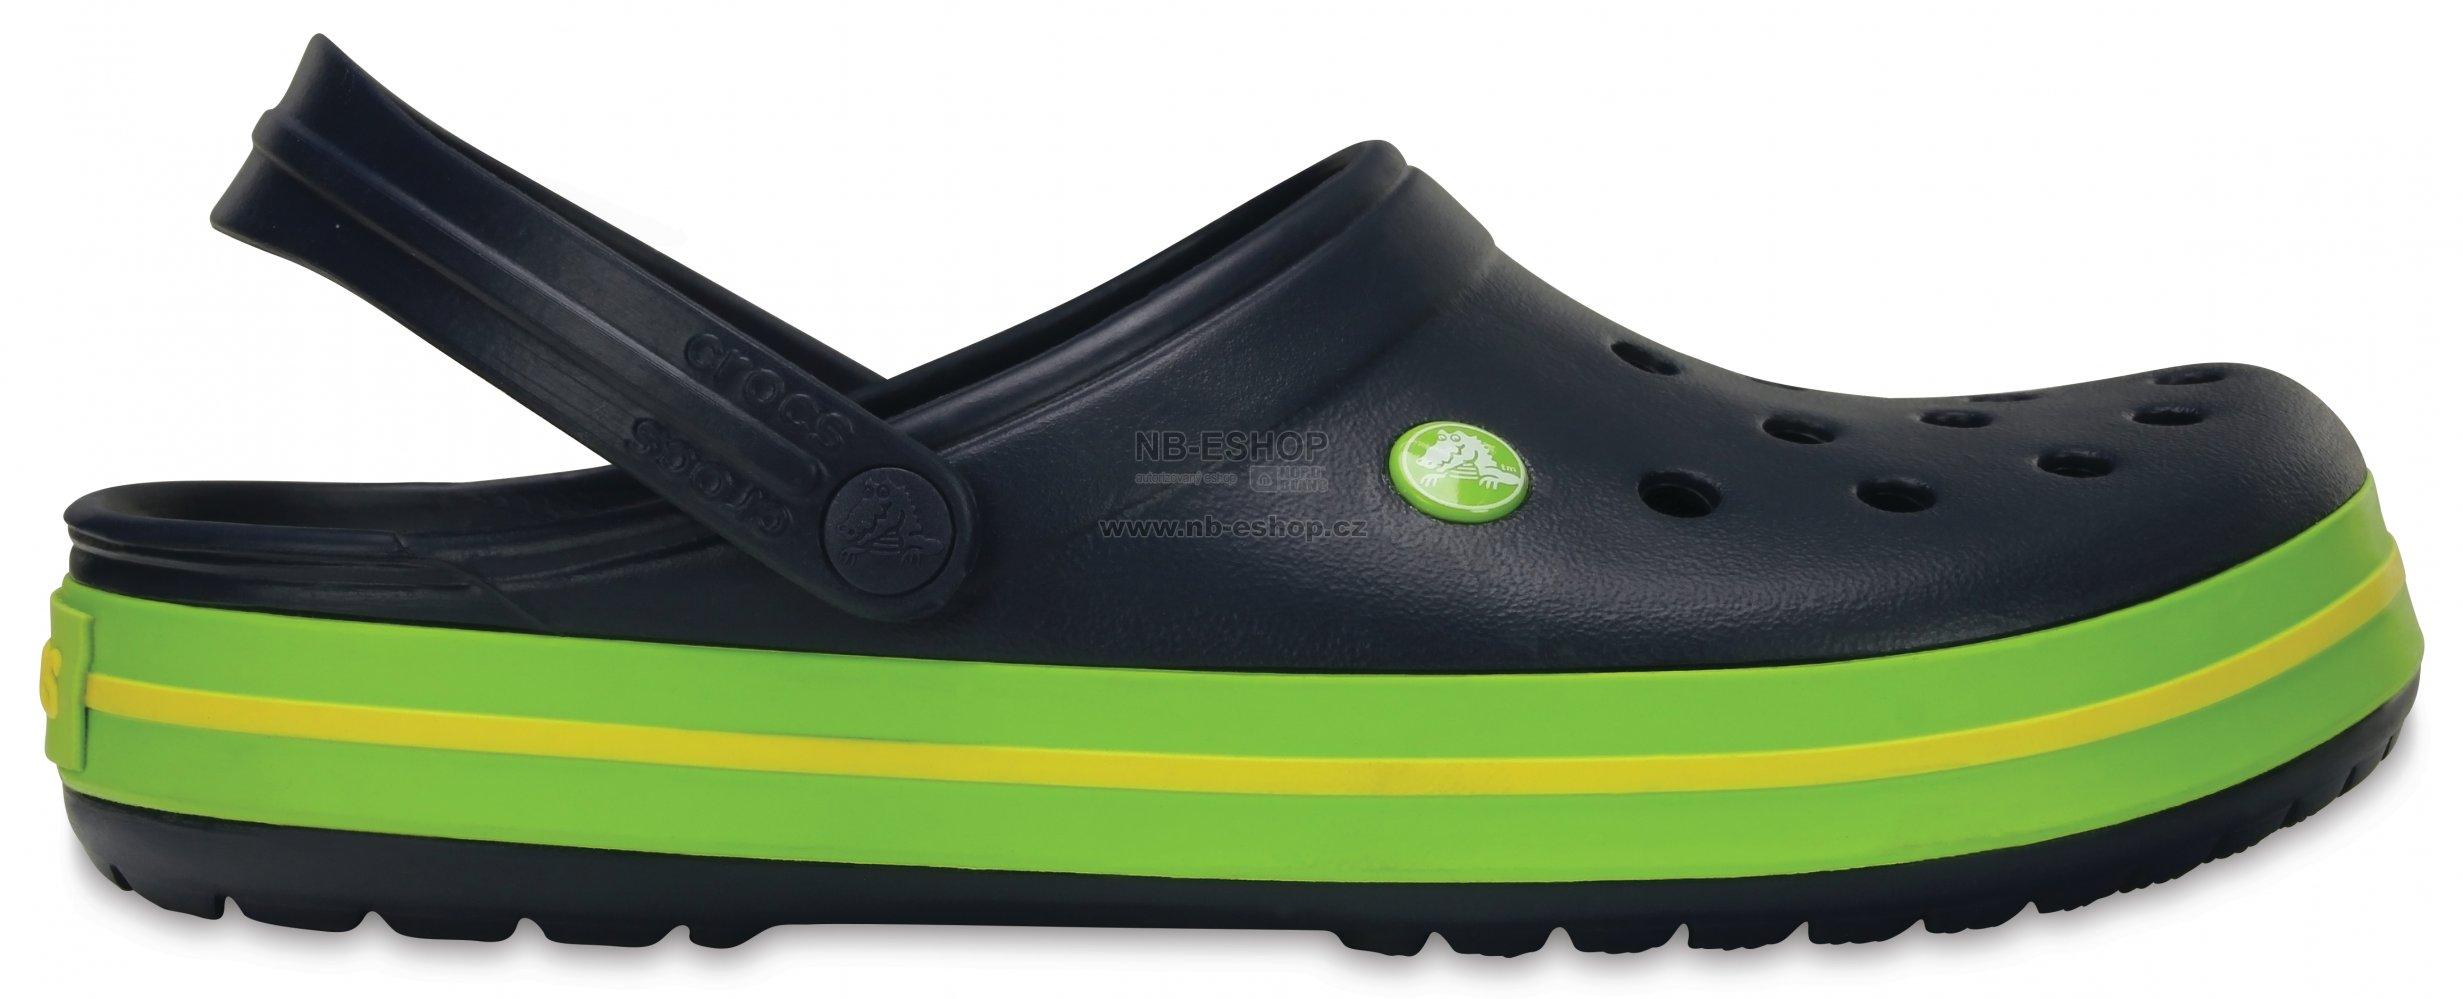 41dcf115050 Pánské pantofle CROCS CROCBAND 11016-40I NAVY VOLT GREEN LEMON ...